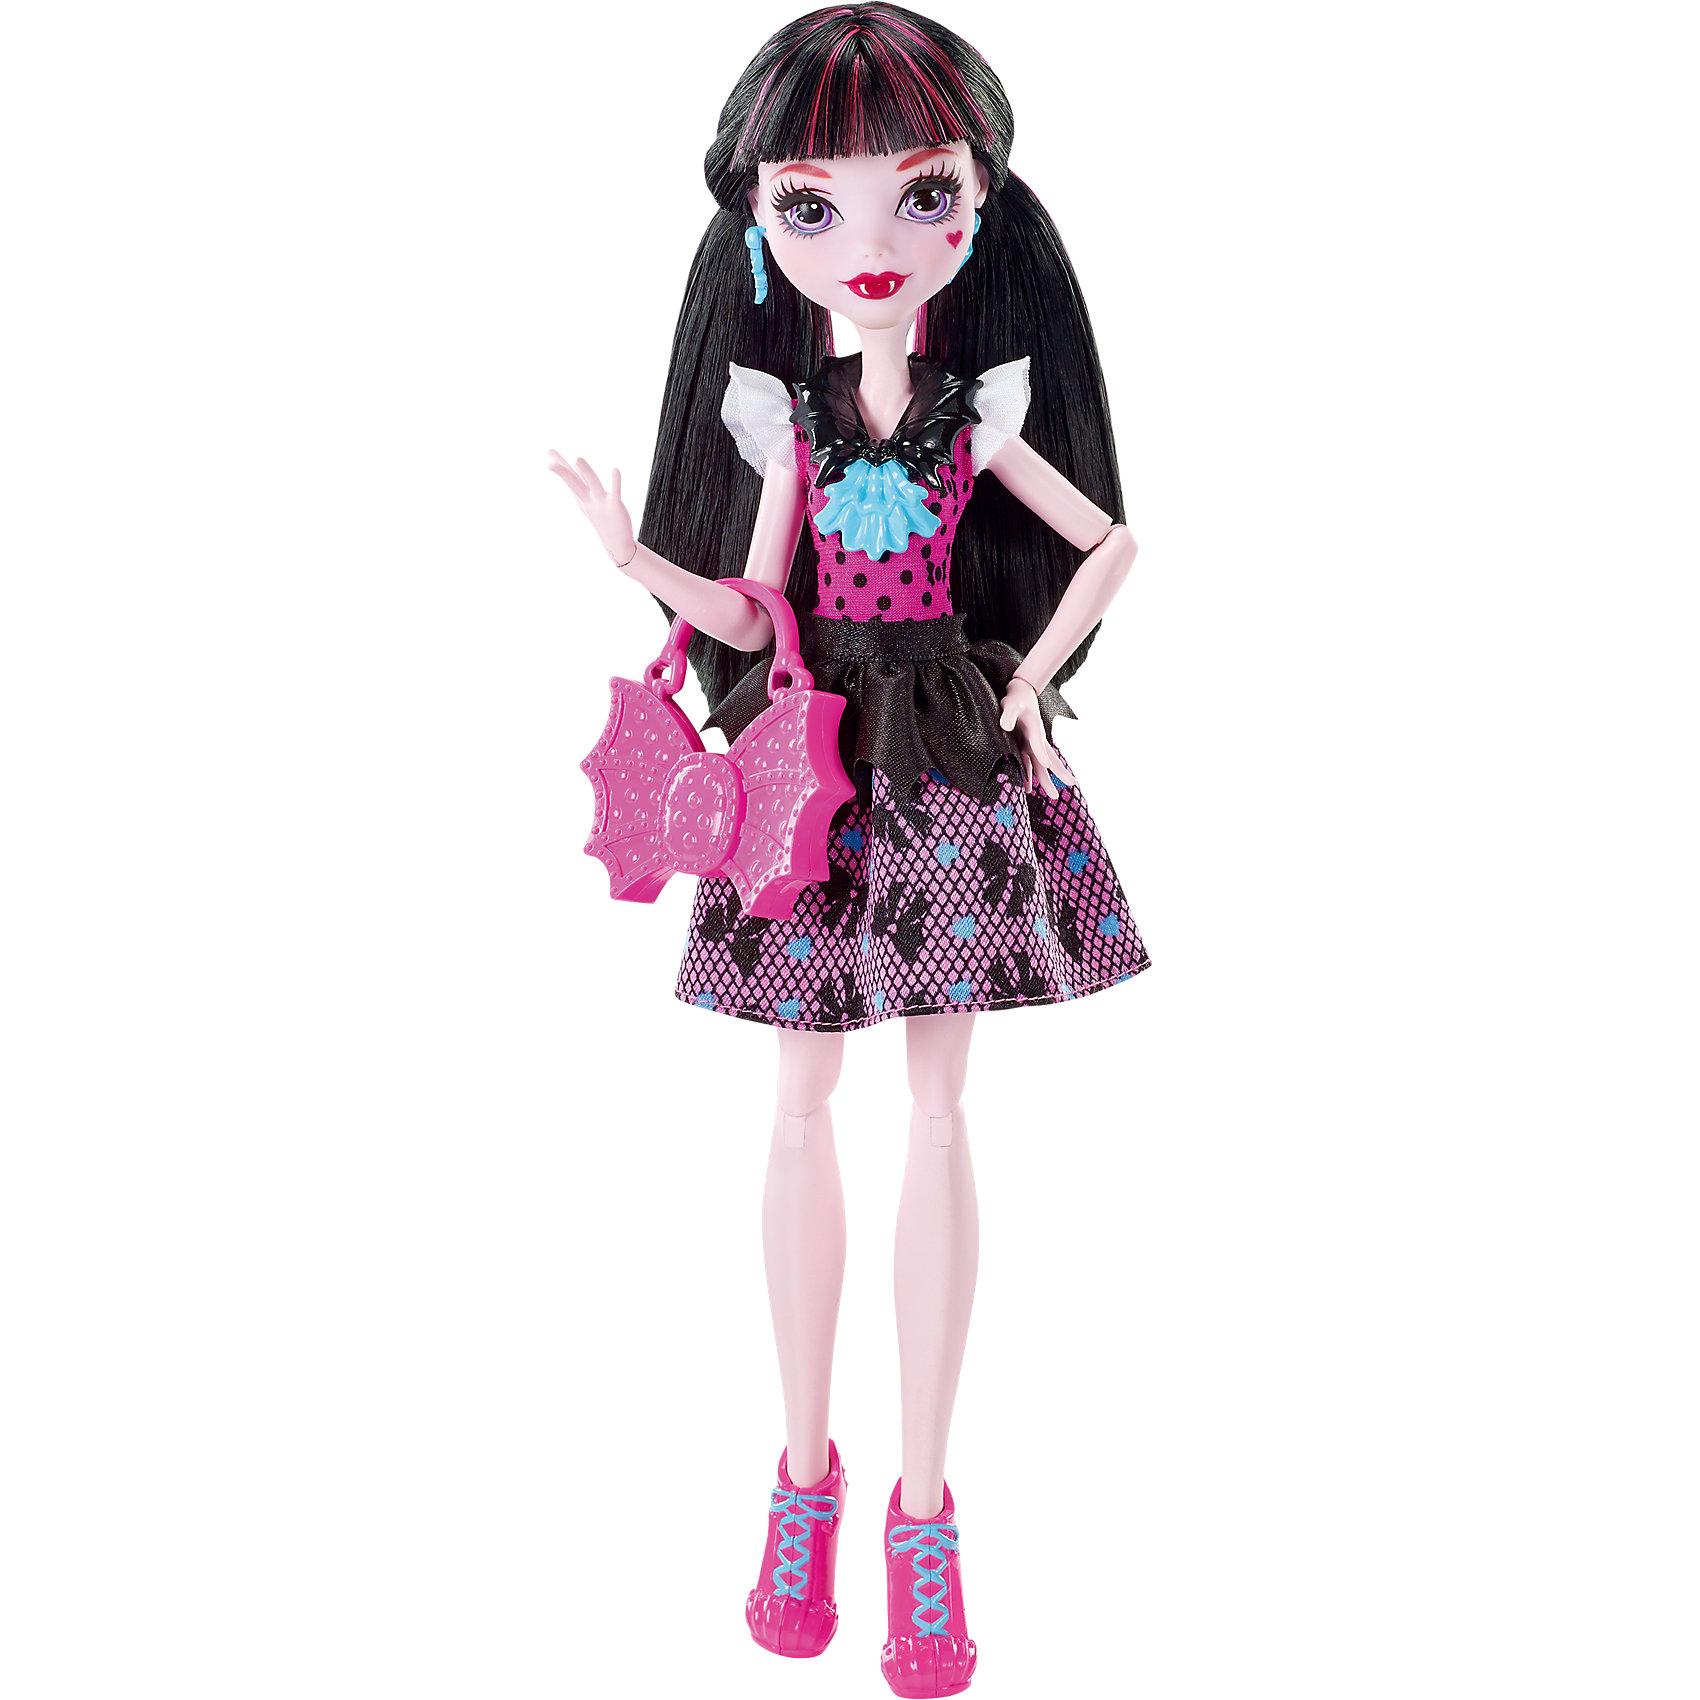 Кукла Дракулаура в модном наряде, Monster HighДракулаура - милая девочка, дочь графа Дракулы. На этот раз она красиво нарядилась для первого дня в школе Monster High. Кукла одета в оригинальное платье с принтом и стильные розовые ботиночки. Милая розовая сумочка в форме летучей мыши прекрасно дополняет образ юной леди.<br><br>Дополнительная информация:<br>Материал: пластик<br>Куклу Дракулауру можно купить в нашем интернет-магазине.<br><br>Ширина мм: 324<br>Глубина мм: 152<br>Высота мм: 66<br>Вес г: 204<br>Возраст от месяцев: 72<br>Возраст до месяцев: 144<br>Пол: Женский<br>Возраст: Детский<br>SKU: 4765346